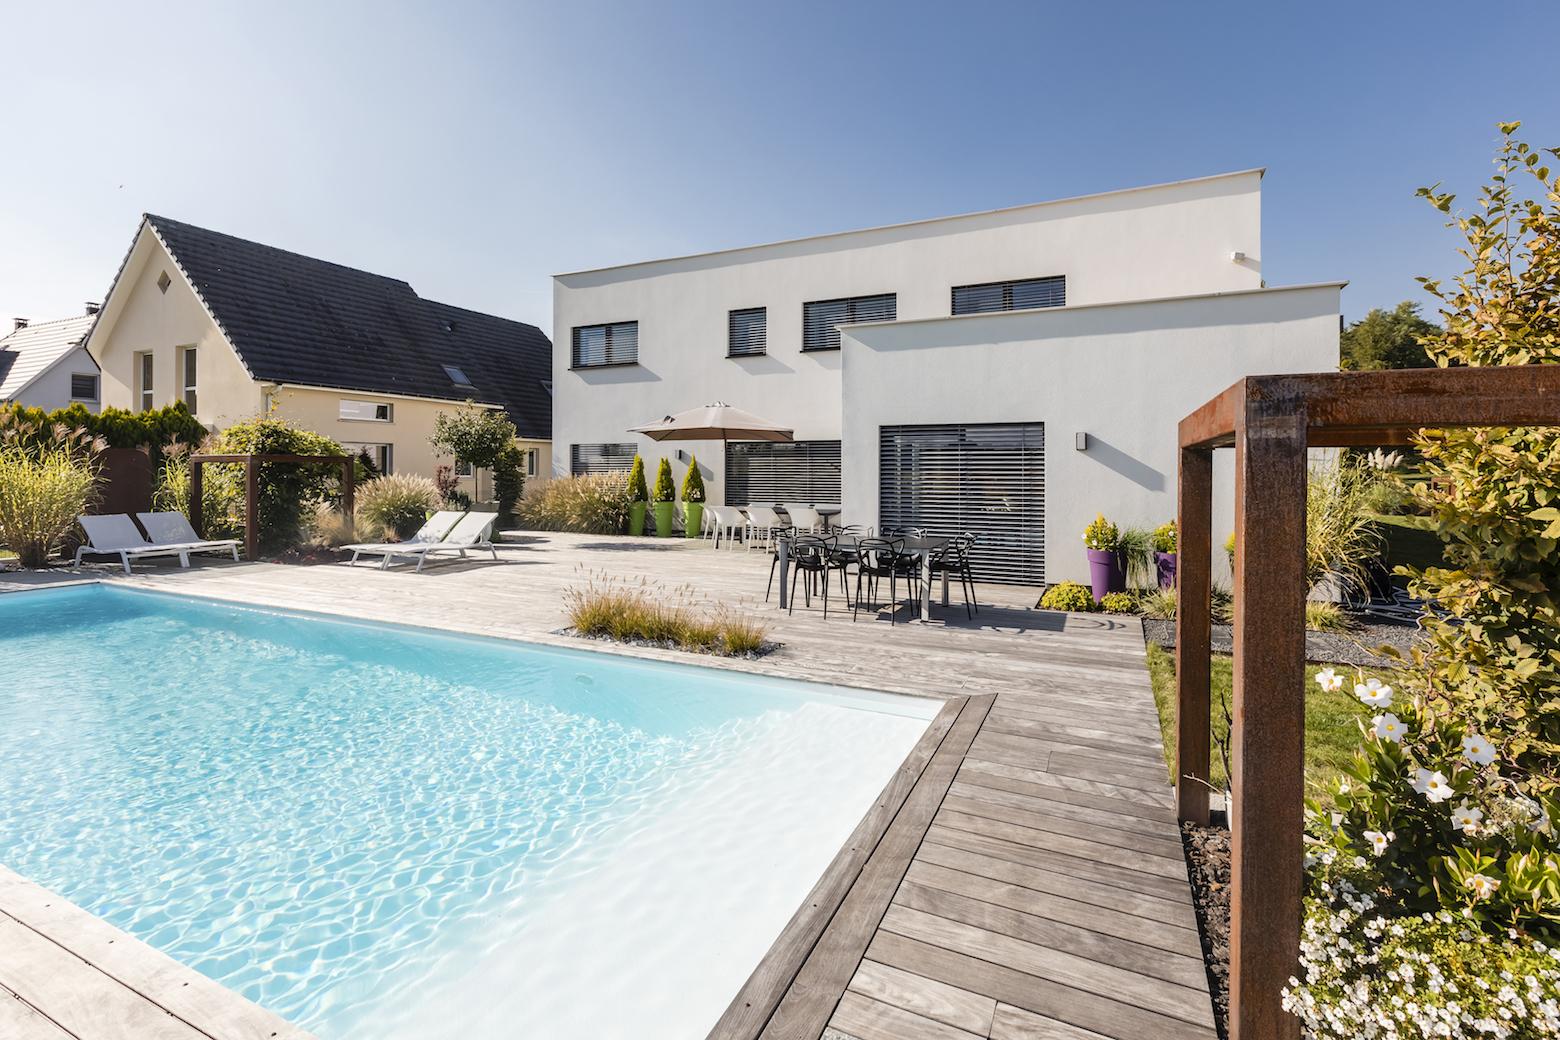 constructeur-mulhouse-maison-passive-isolation-exterieur